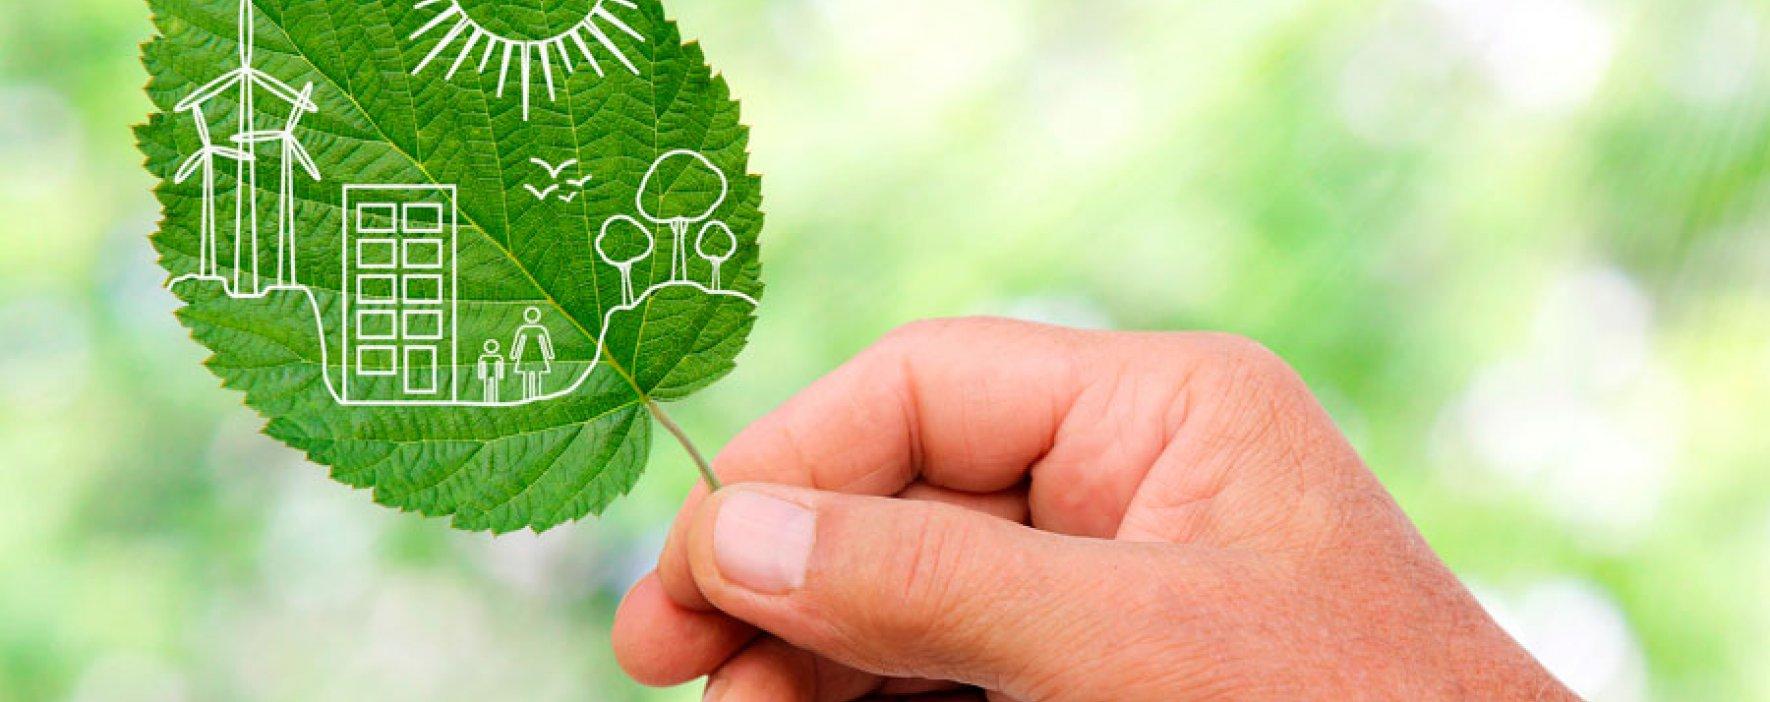 Compañías preocupadas por ser sostenibles ambientalmente